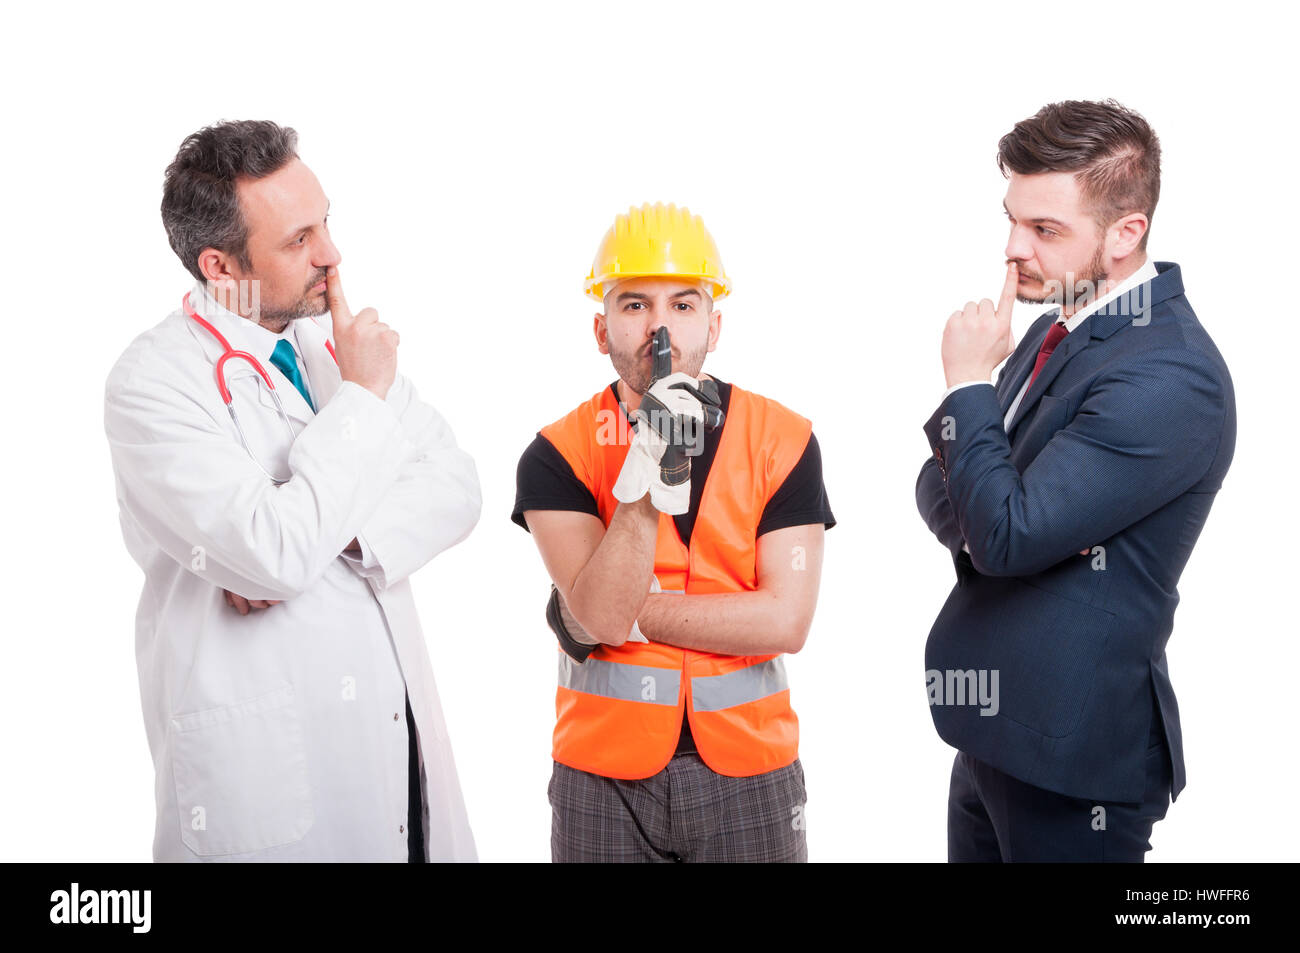 Gruppe von Menschen mit verschiedenen Berufen machen Psst Geste als Stille Konzept isoliert auf weißem Hintergrund Stockbild